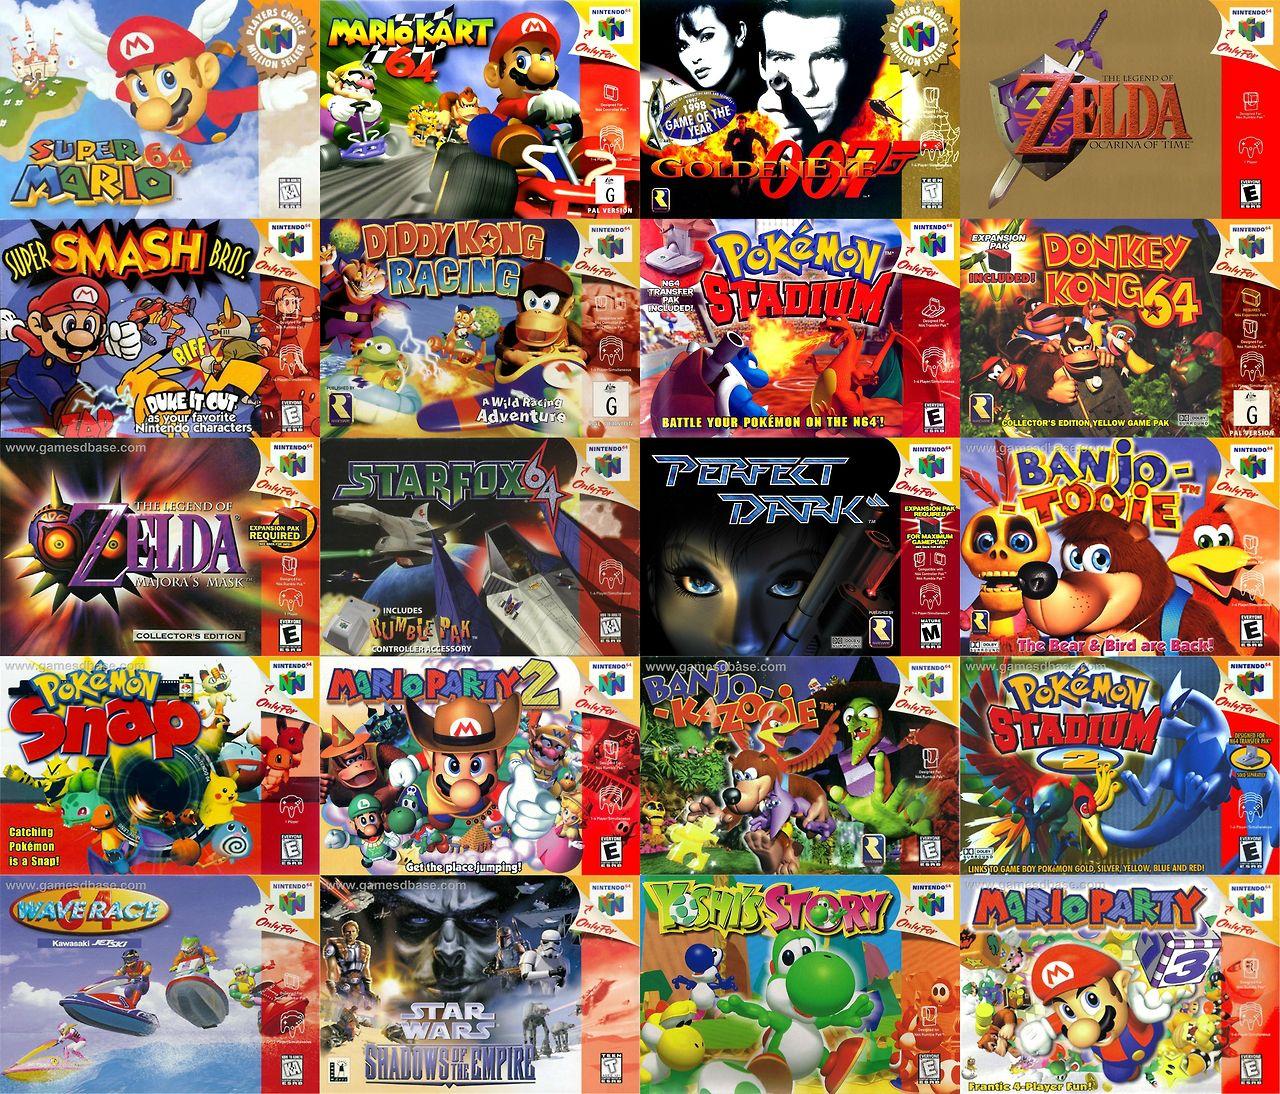 Nintendo 64 e seus 10 jogos mais marcantes - Nintendo Blast